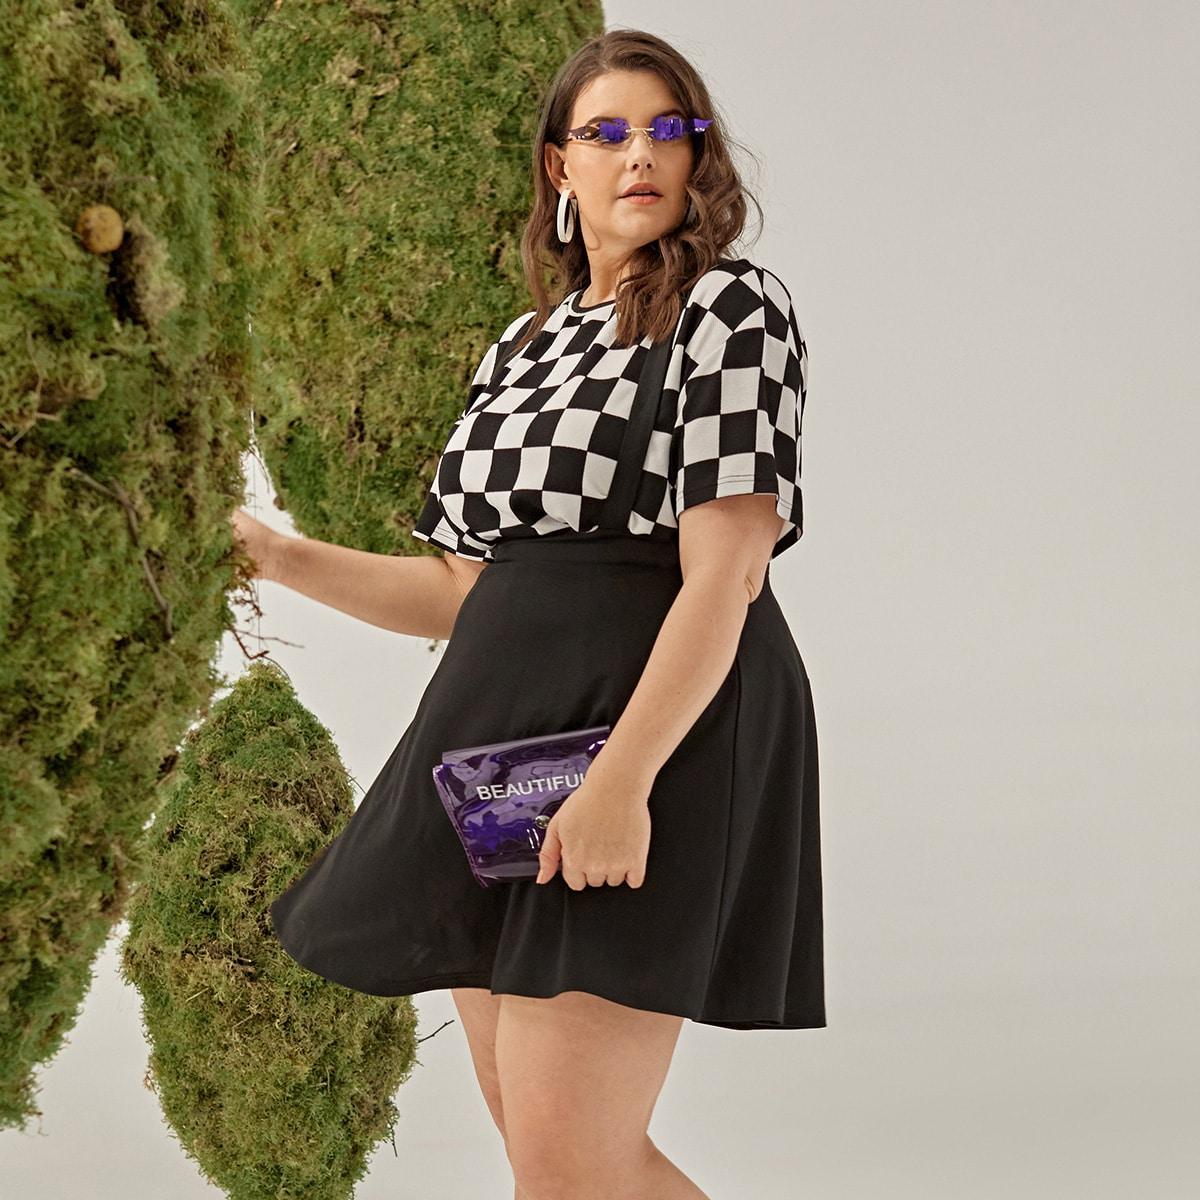 Однотонное платье размера плюс без топа